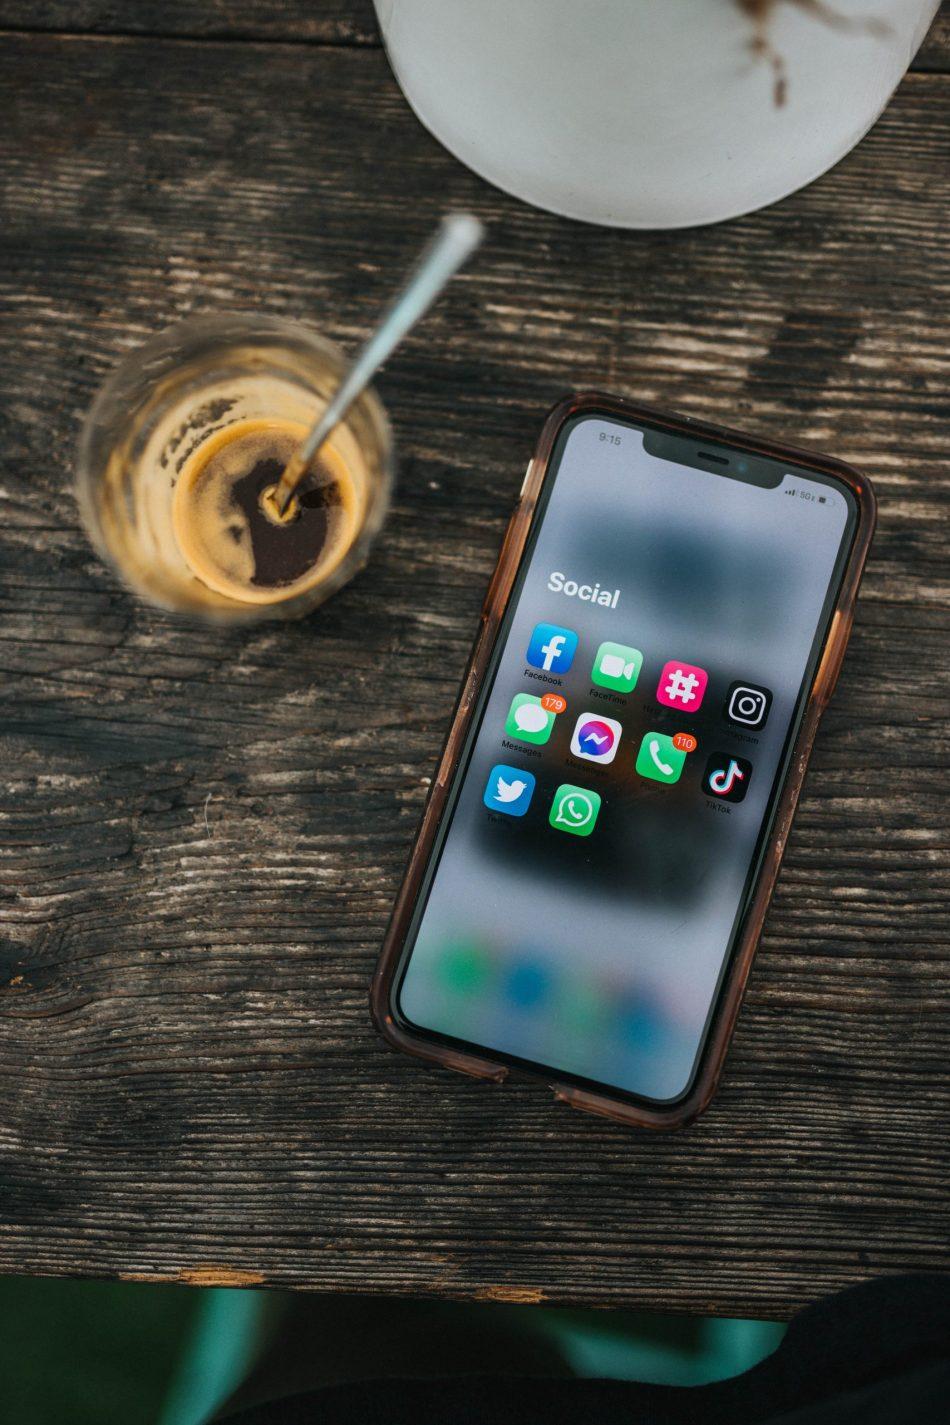 all-social-media-platforms-on-phone